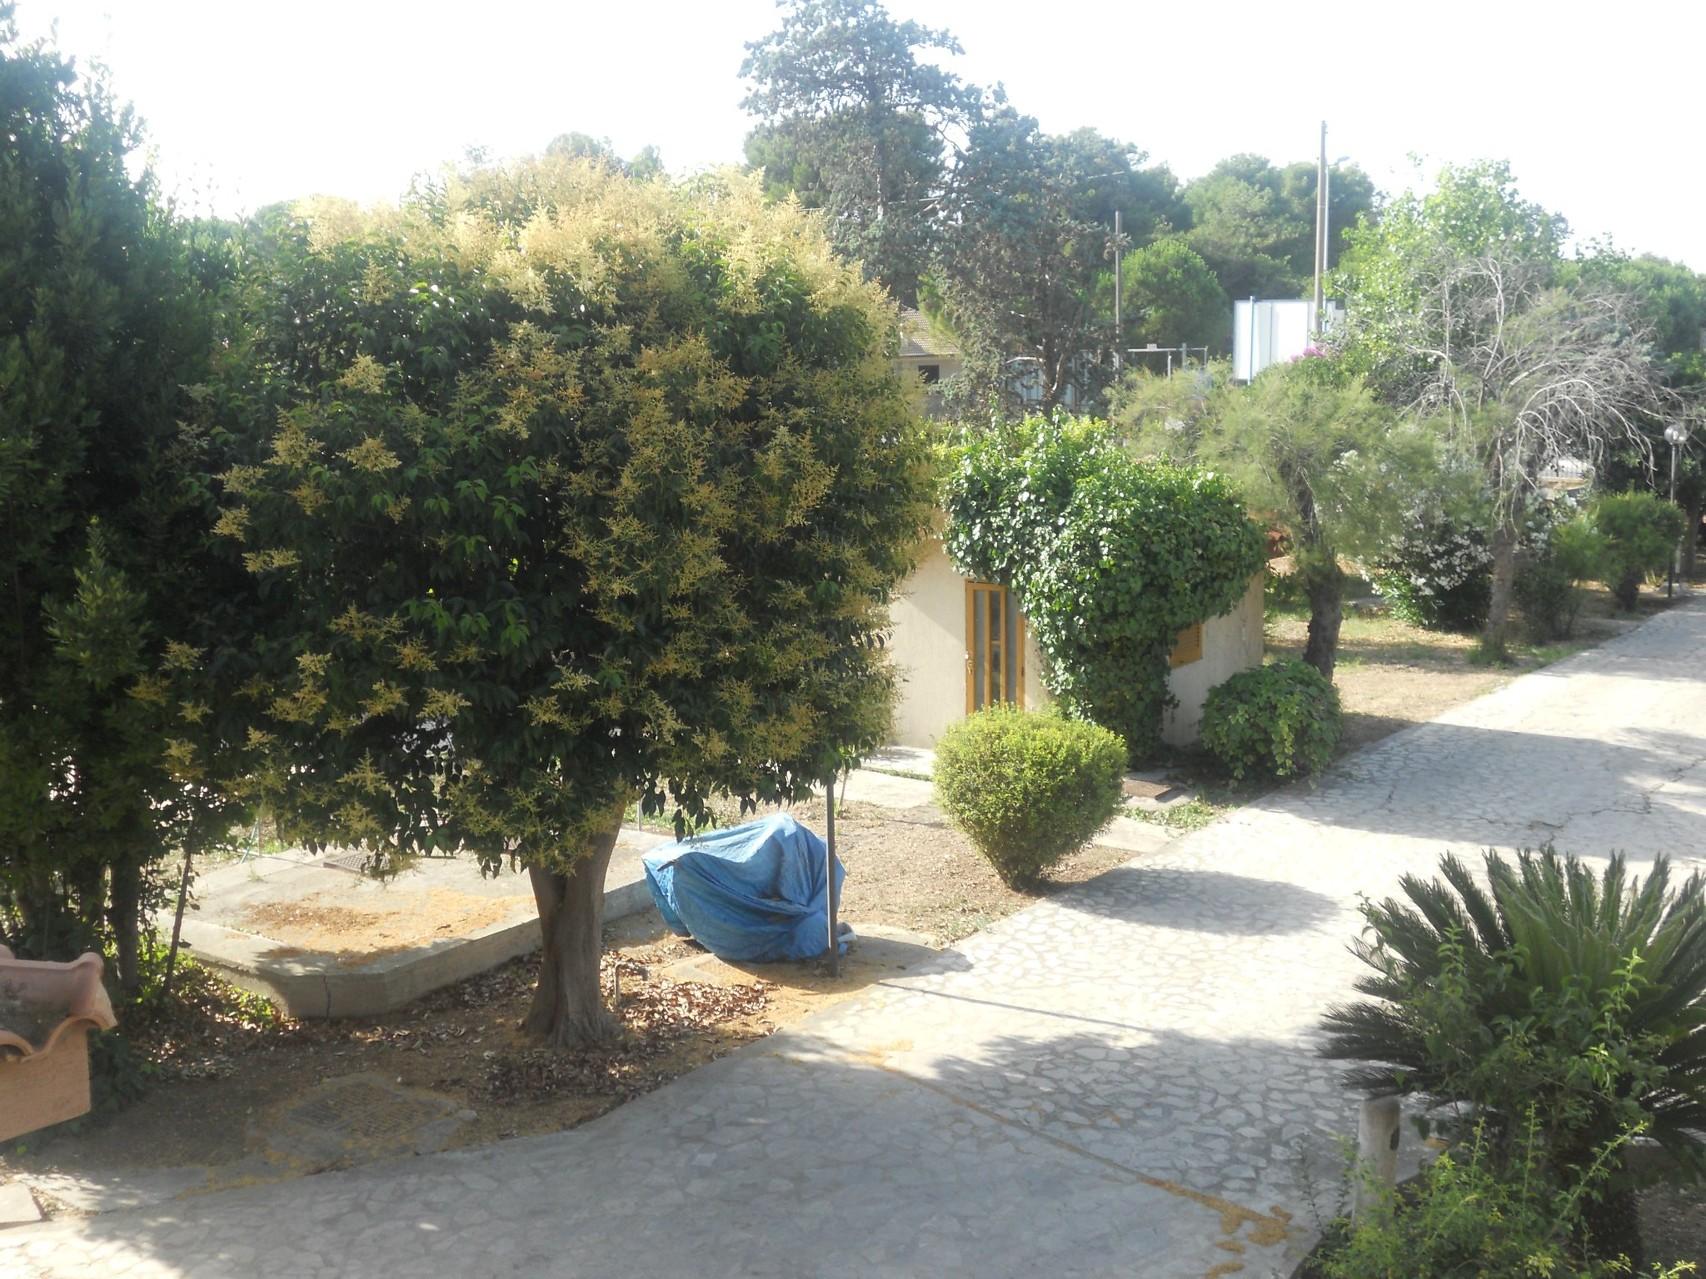 Gezicht op de ingang van de villa van bovenaf gezien.